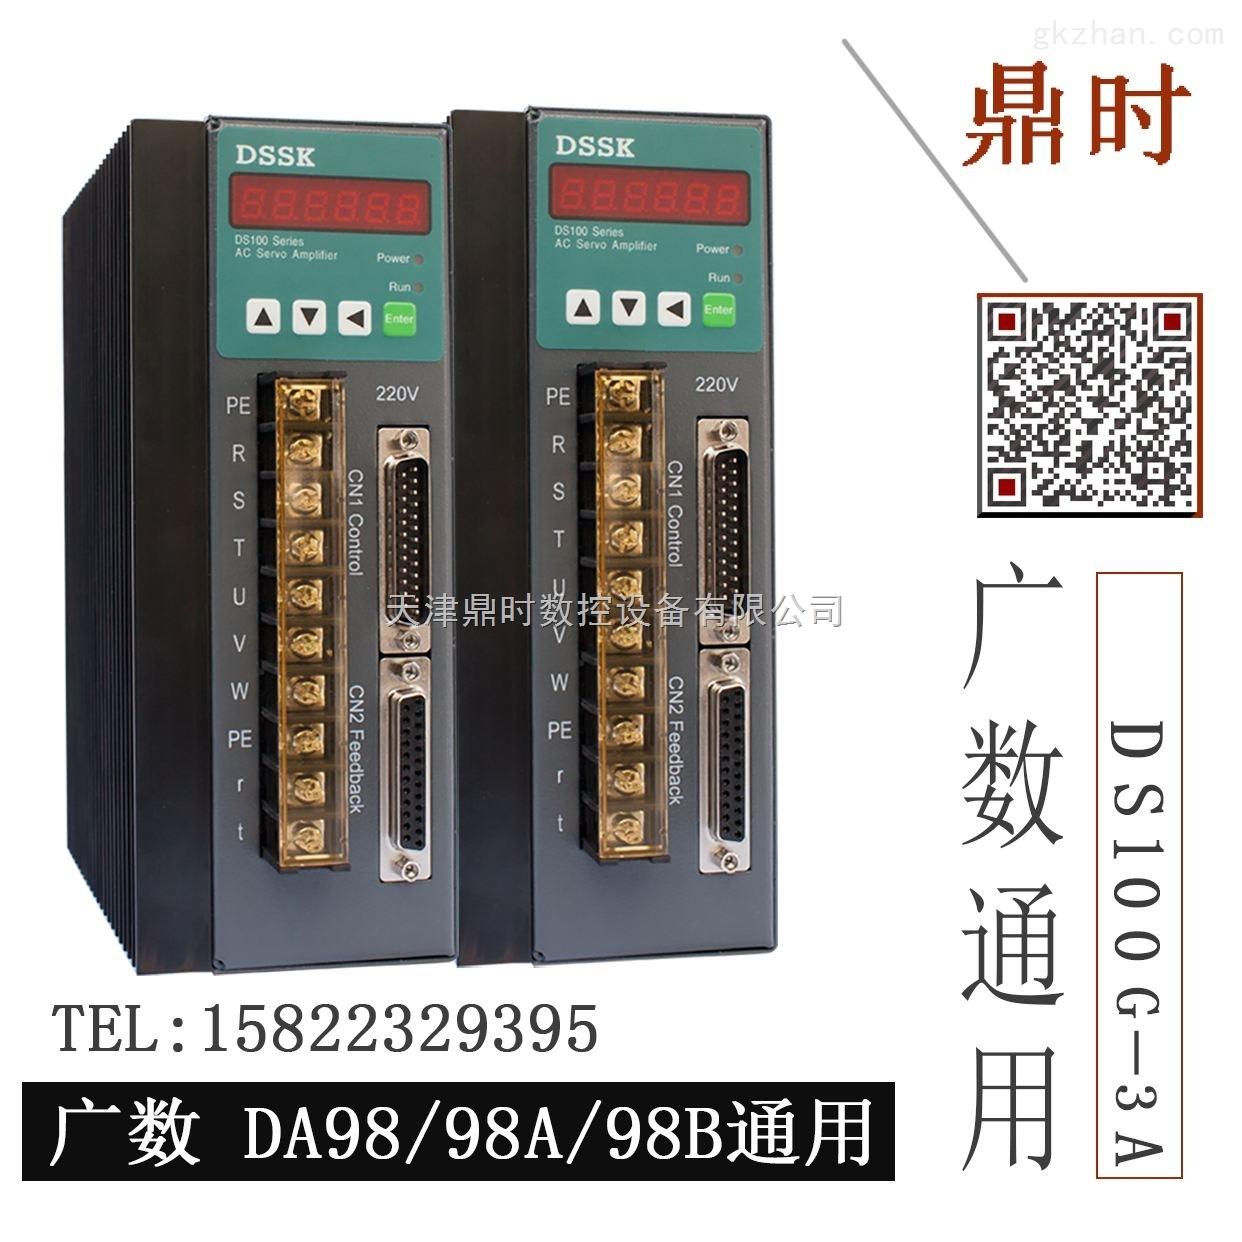 鼎时dssk伺服驱动器厂家直销替代广数da98a加伺服电机顺丰包邮